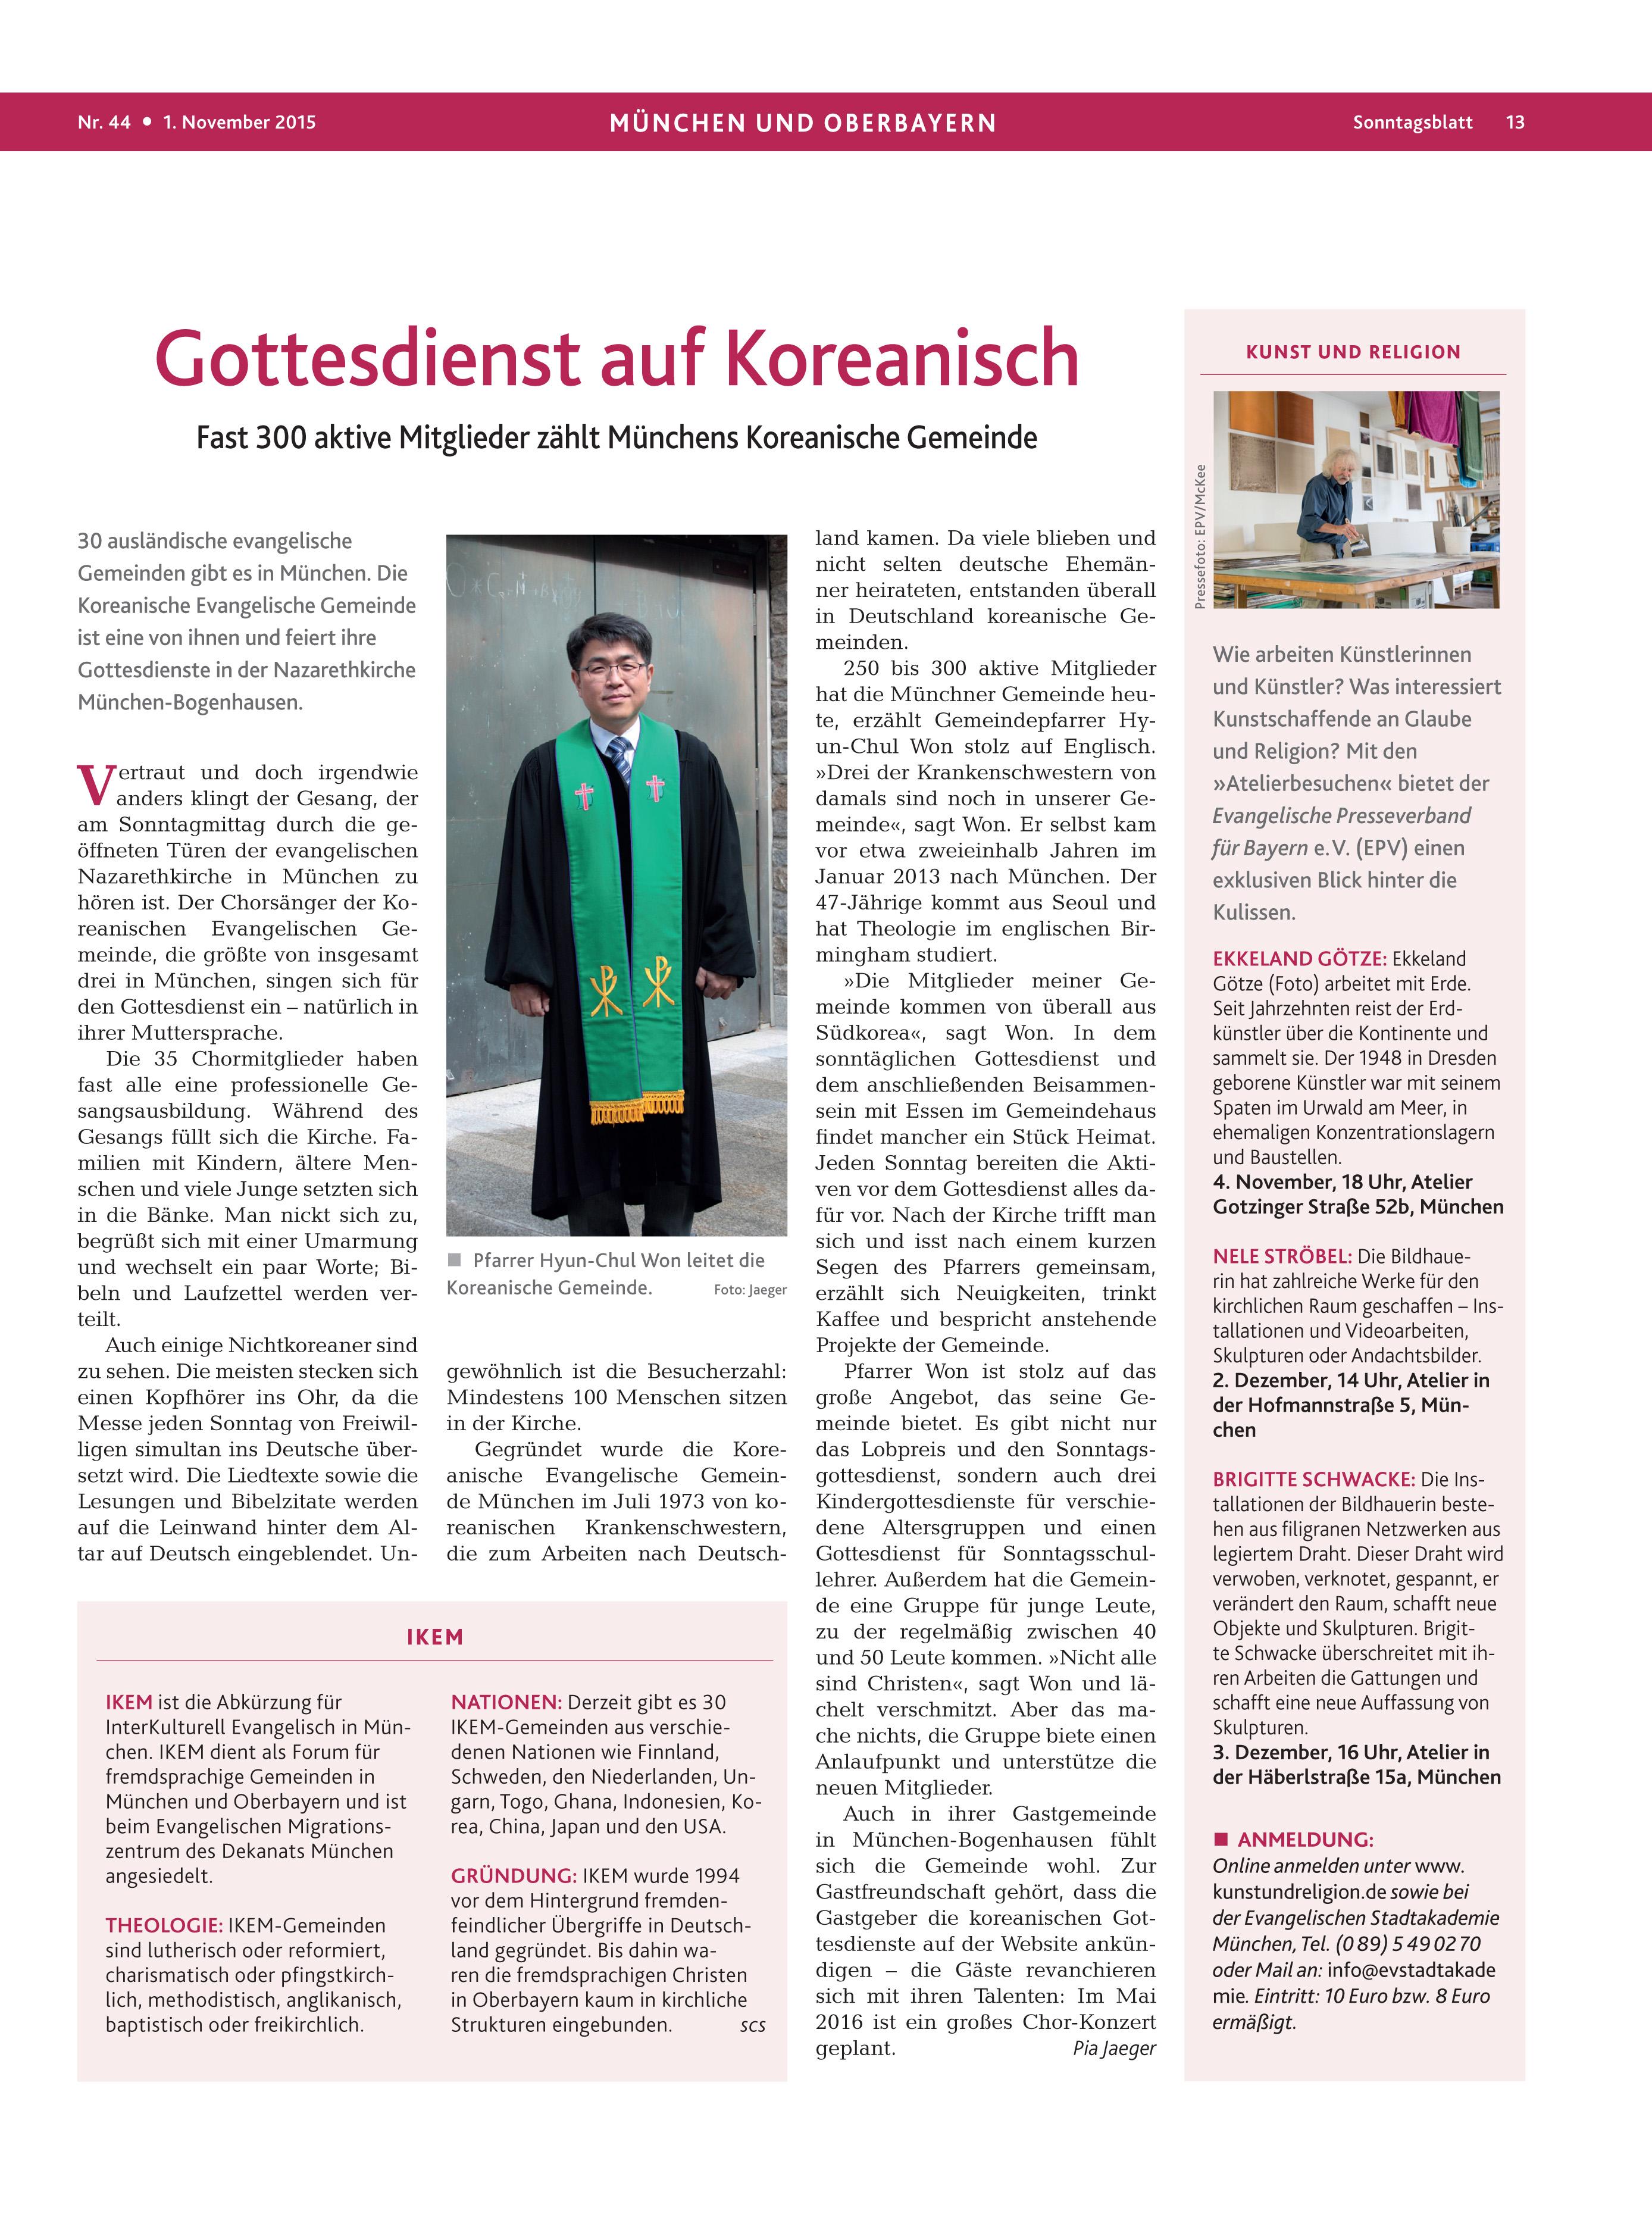 Gottesdienst auf Koreanisch (by Pia Jaeger).jpg